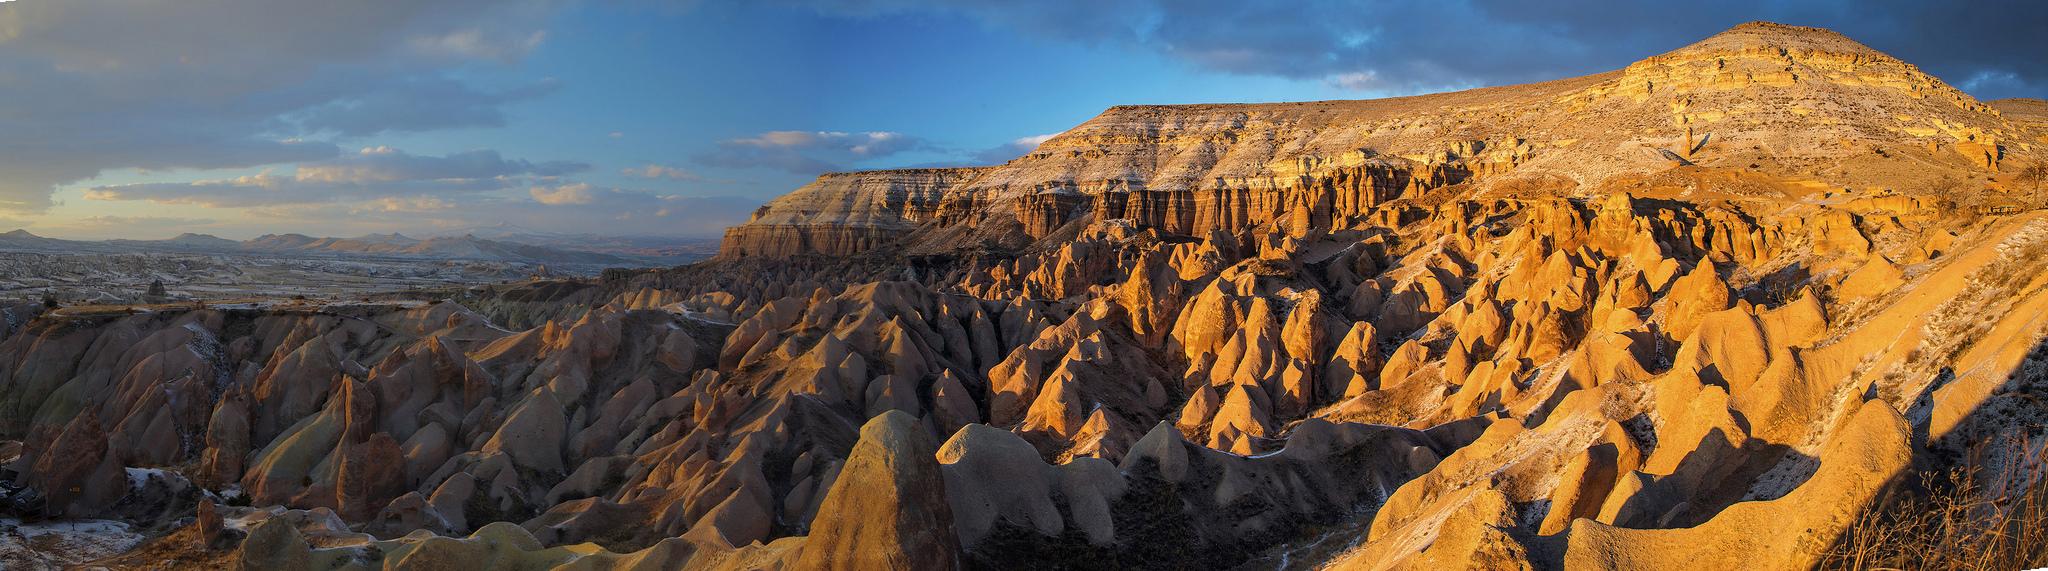 Cappadocia Tours by Taxi